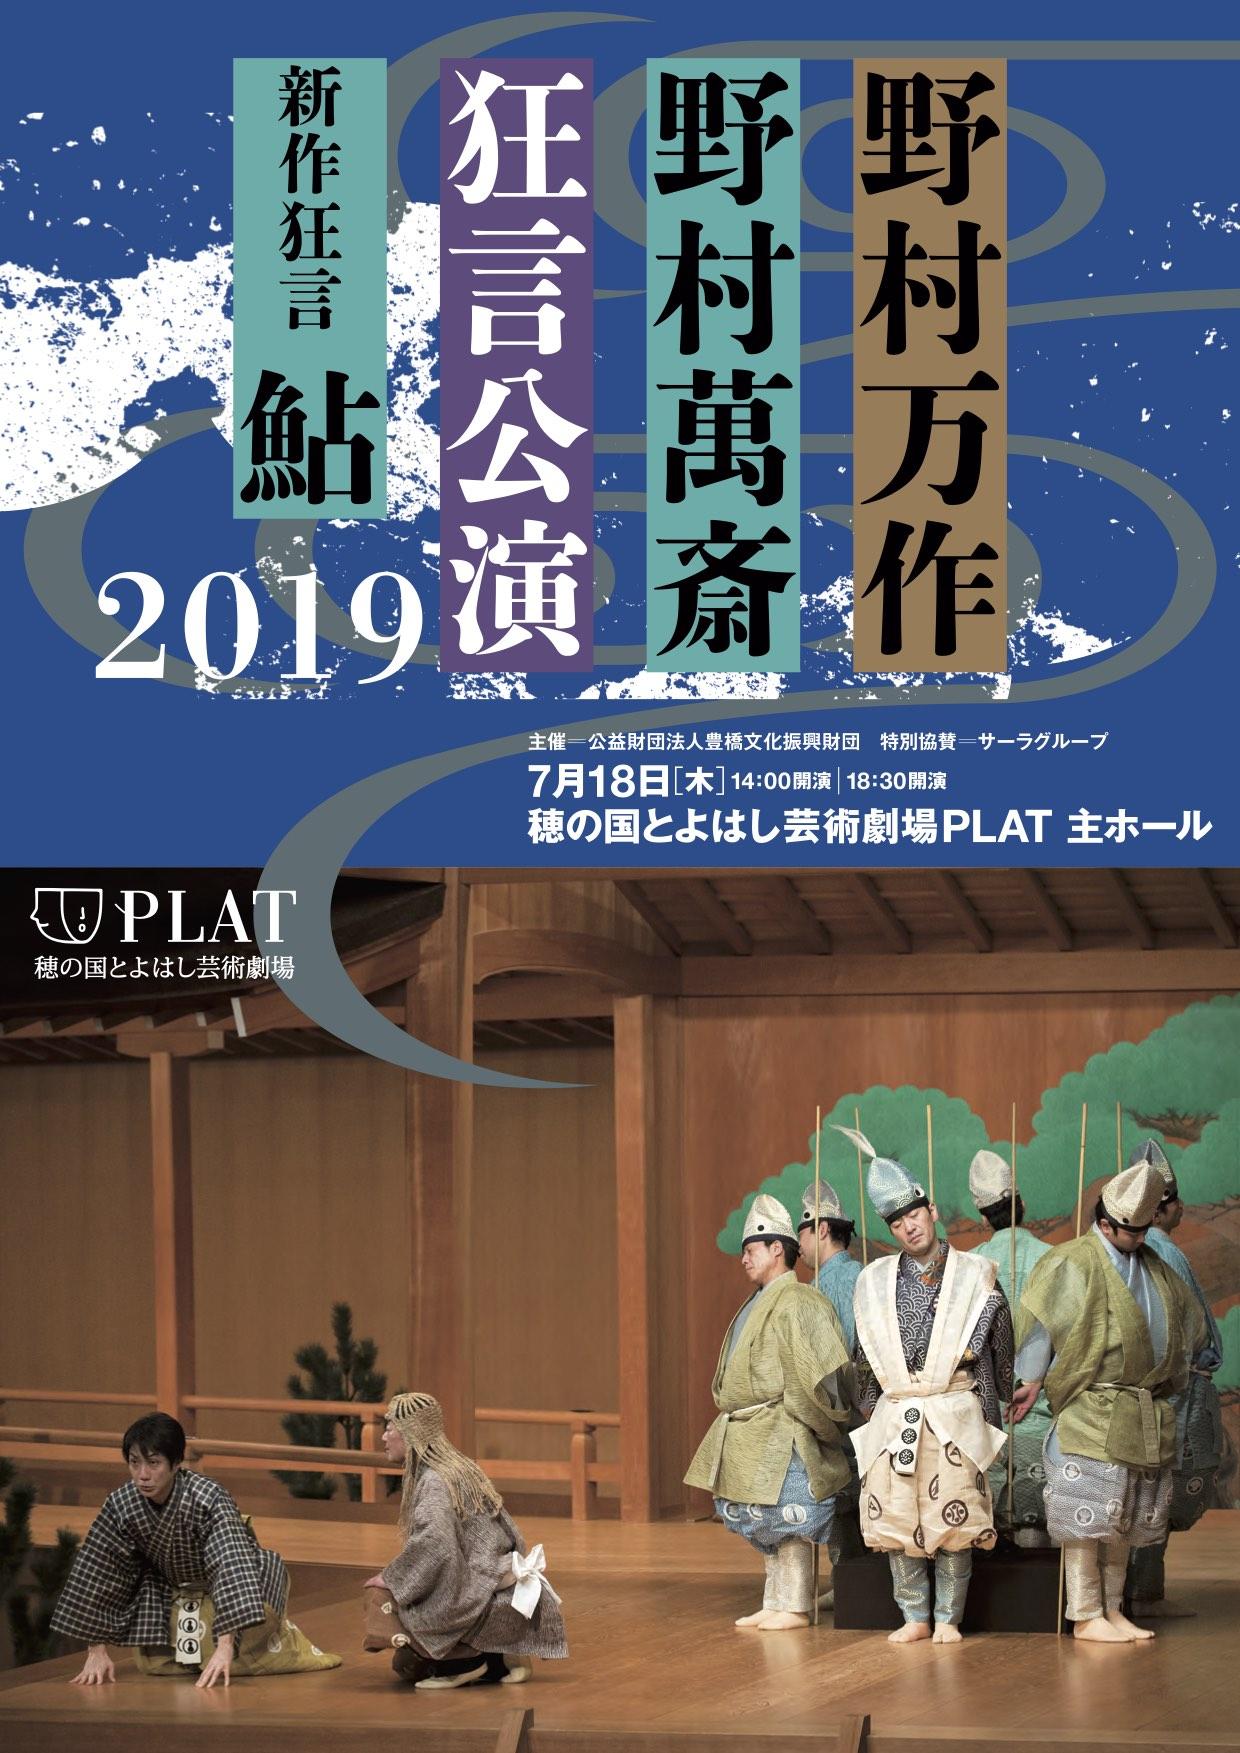 新作狂言『鮎』豊橋市公演のお知らせ